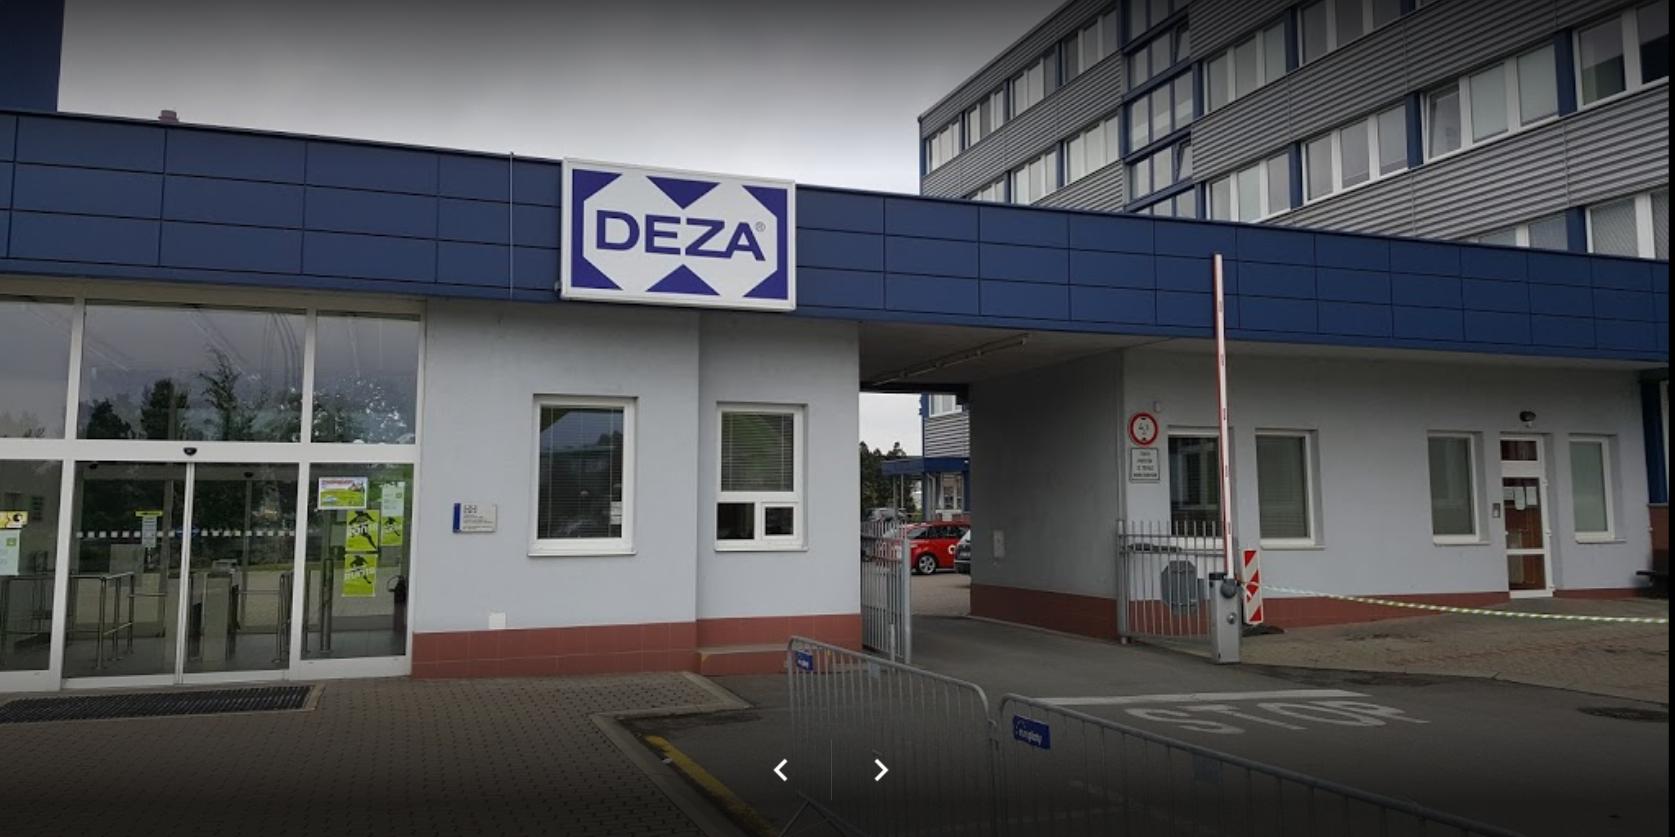 V den otravy na Bečvě se ve společnosti DEZA stala havárie